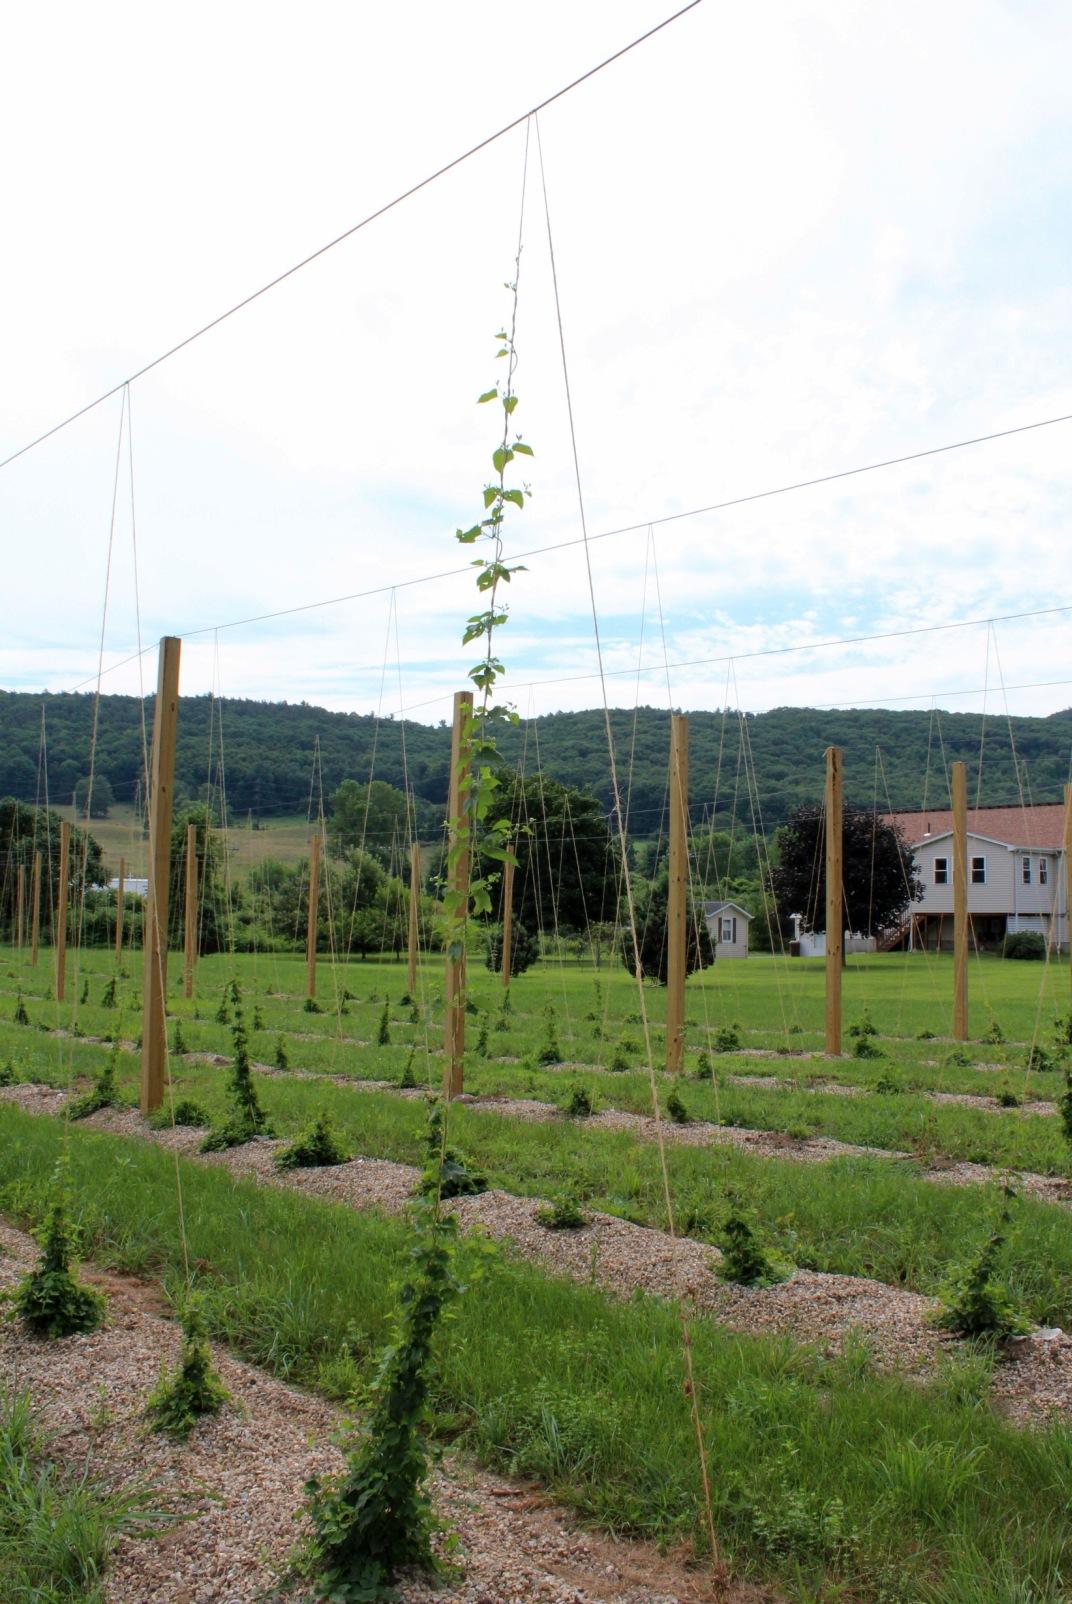 First year hop vine